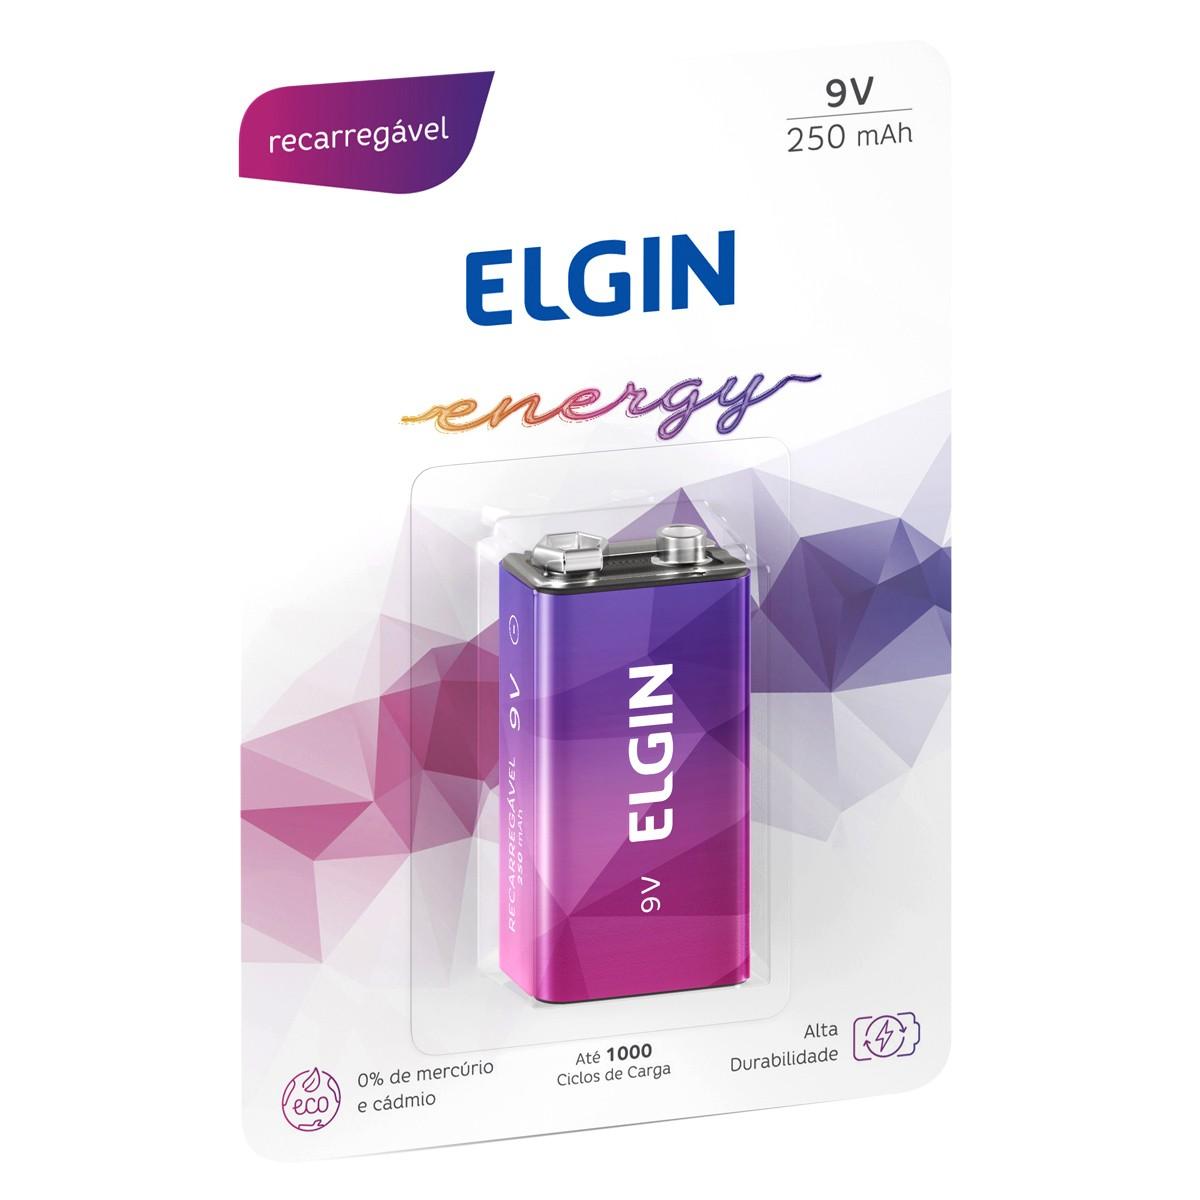 10 Baterias ELGIN 9V 250mAh Recarregável Alcalina 10 cartela